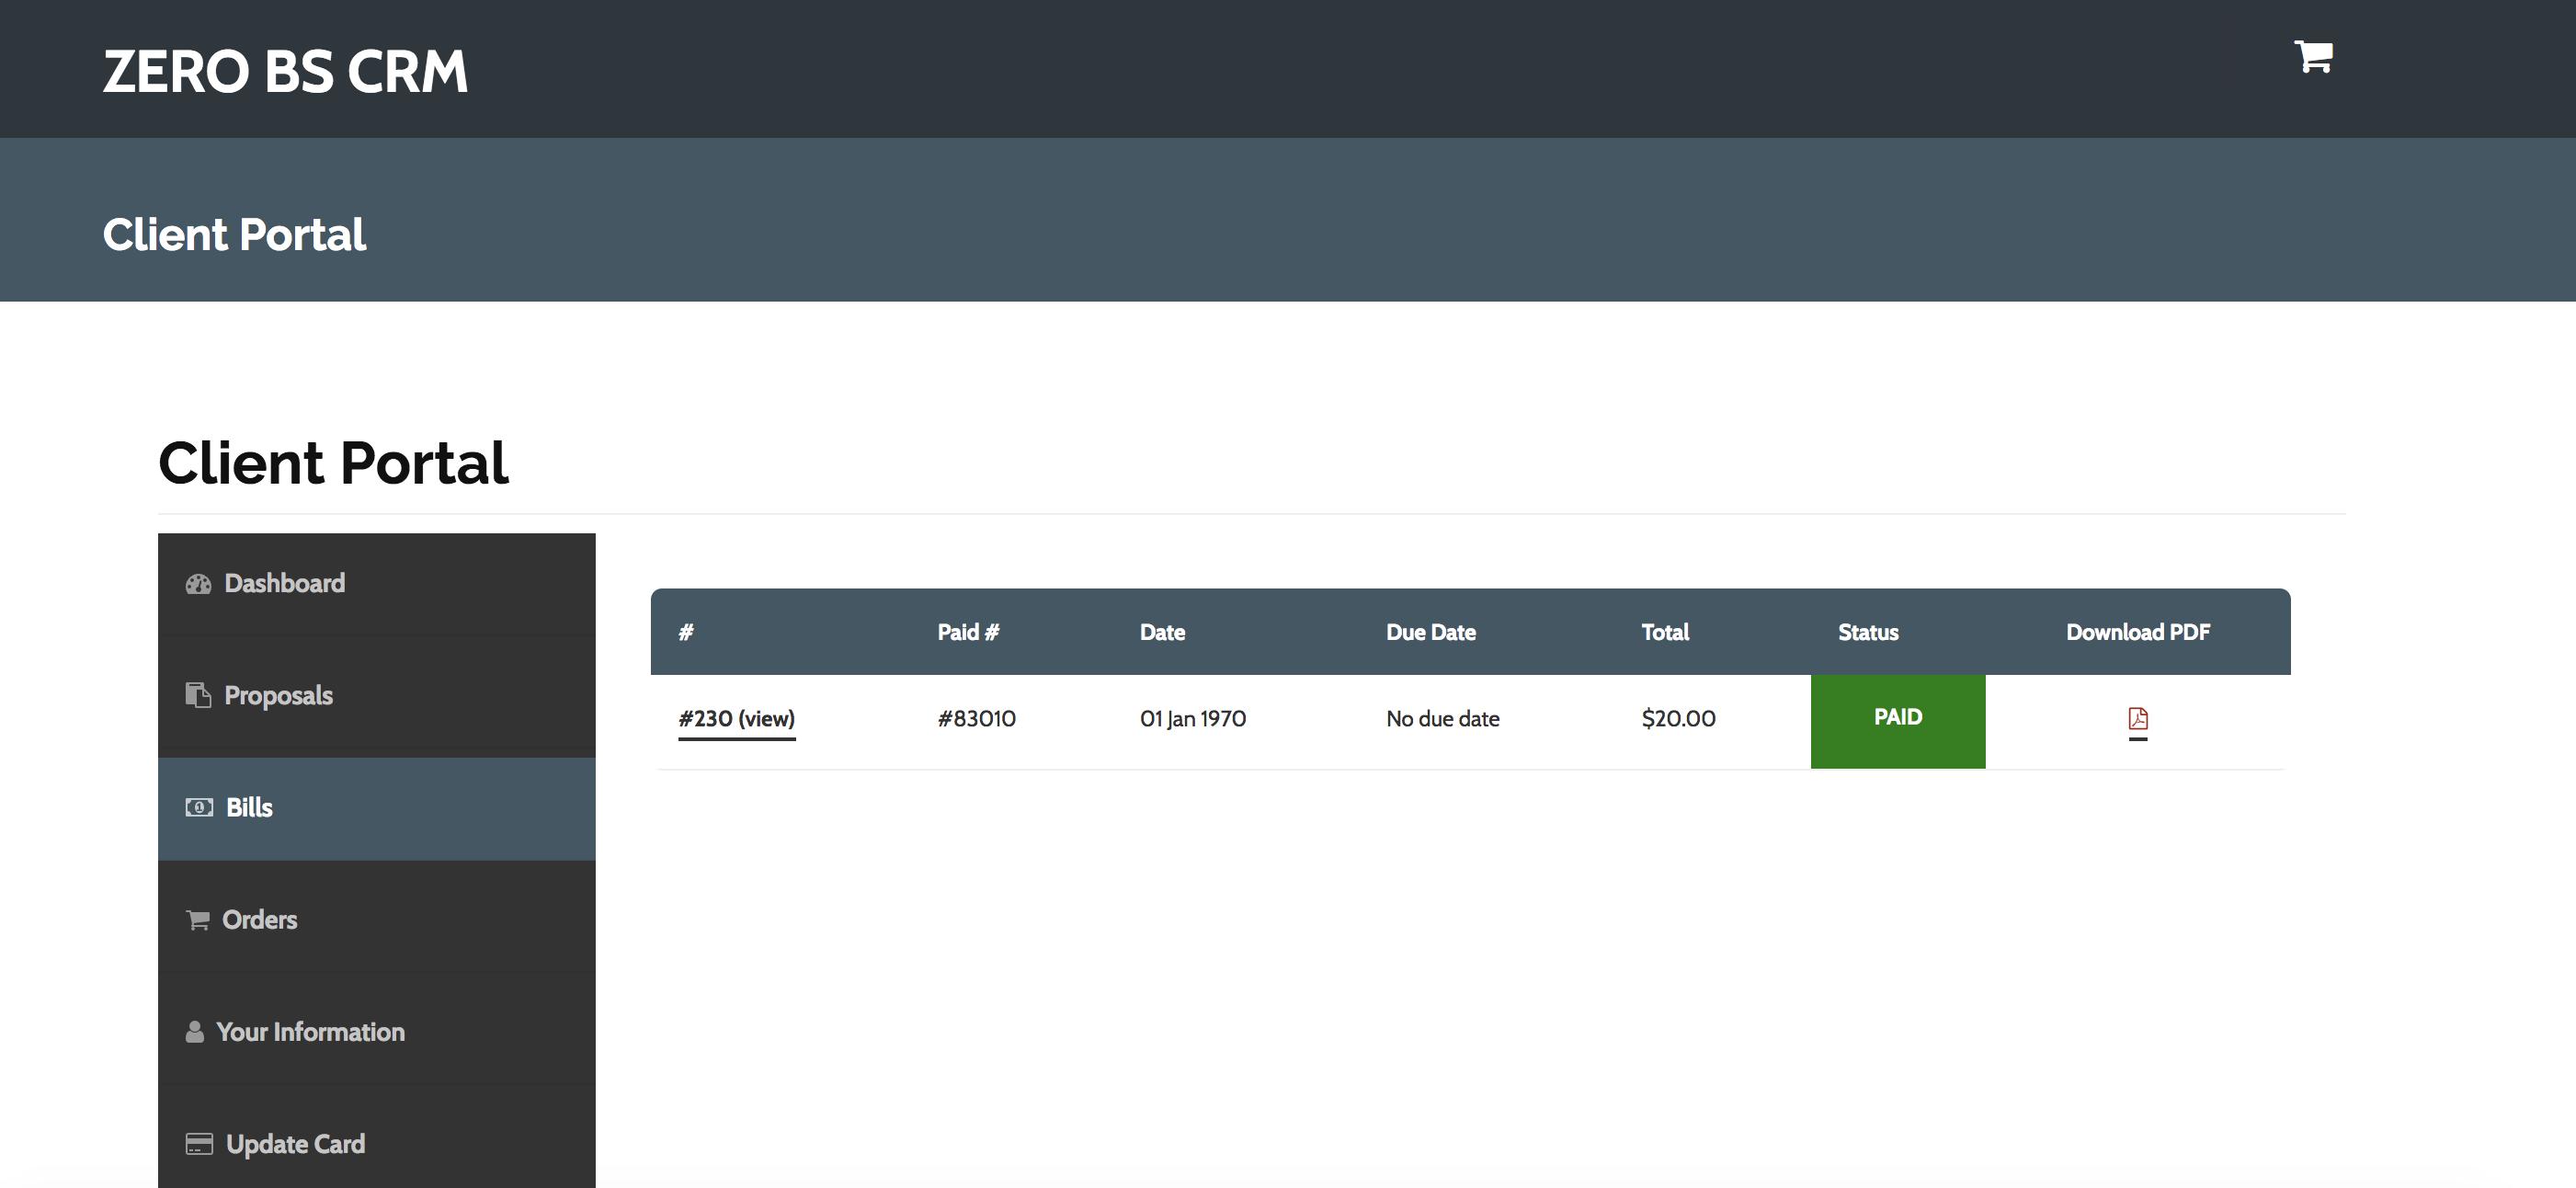 Client Portal Pro | Zero BS CRM